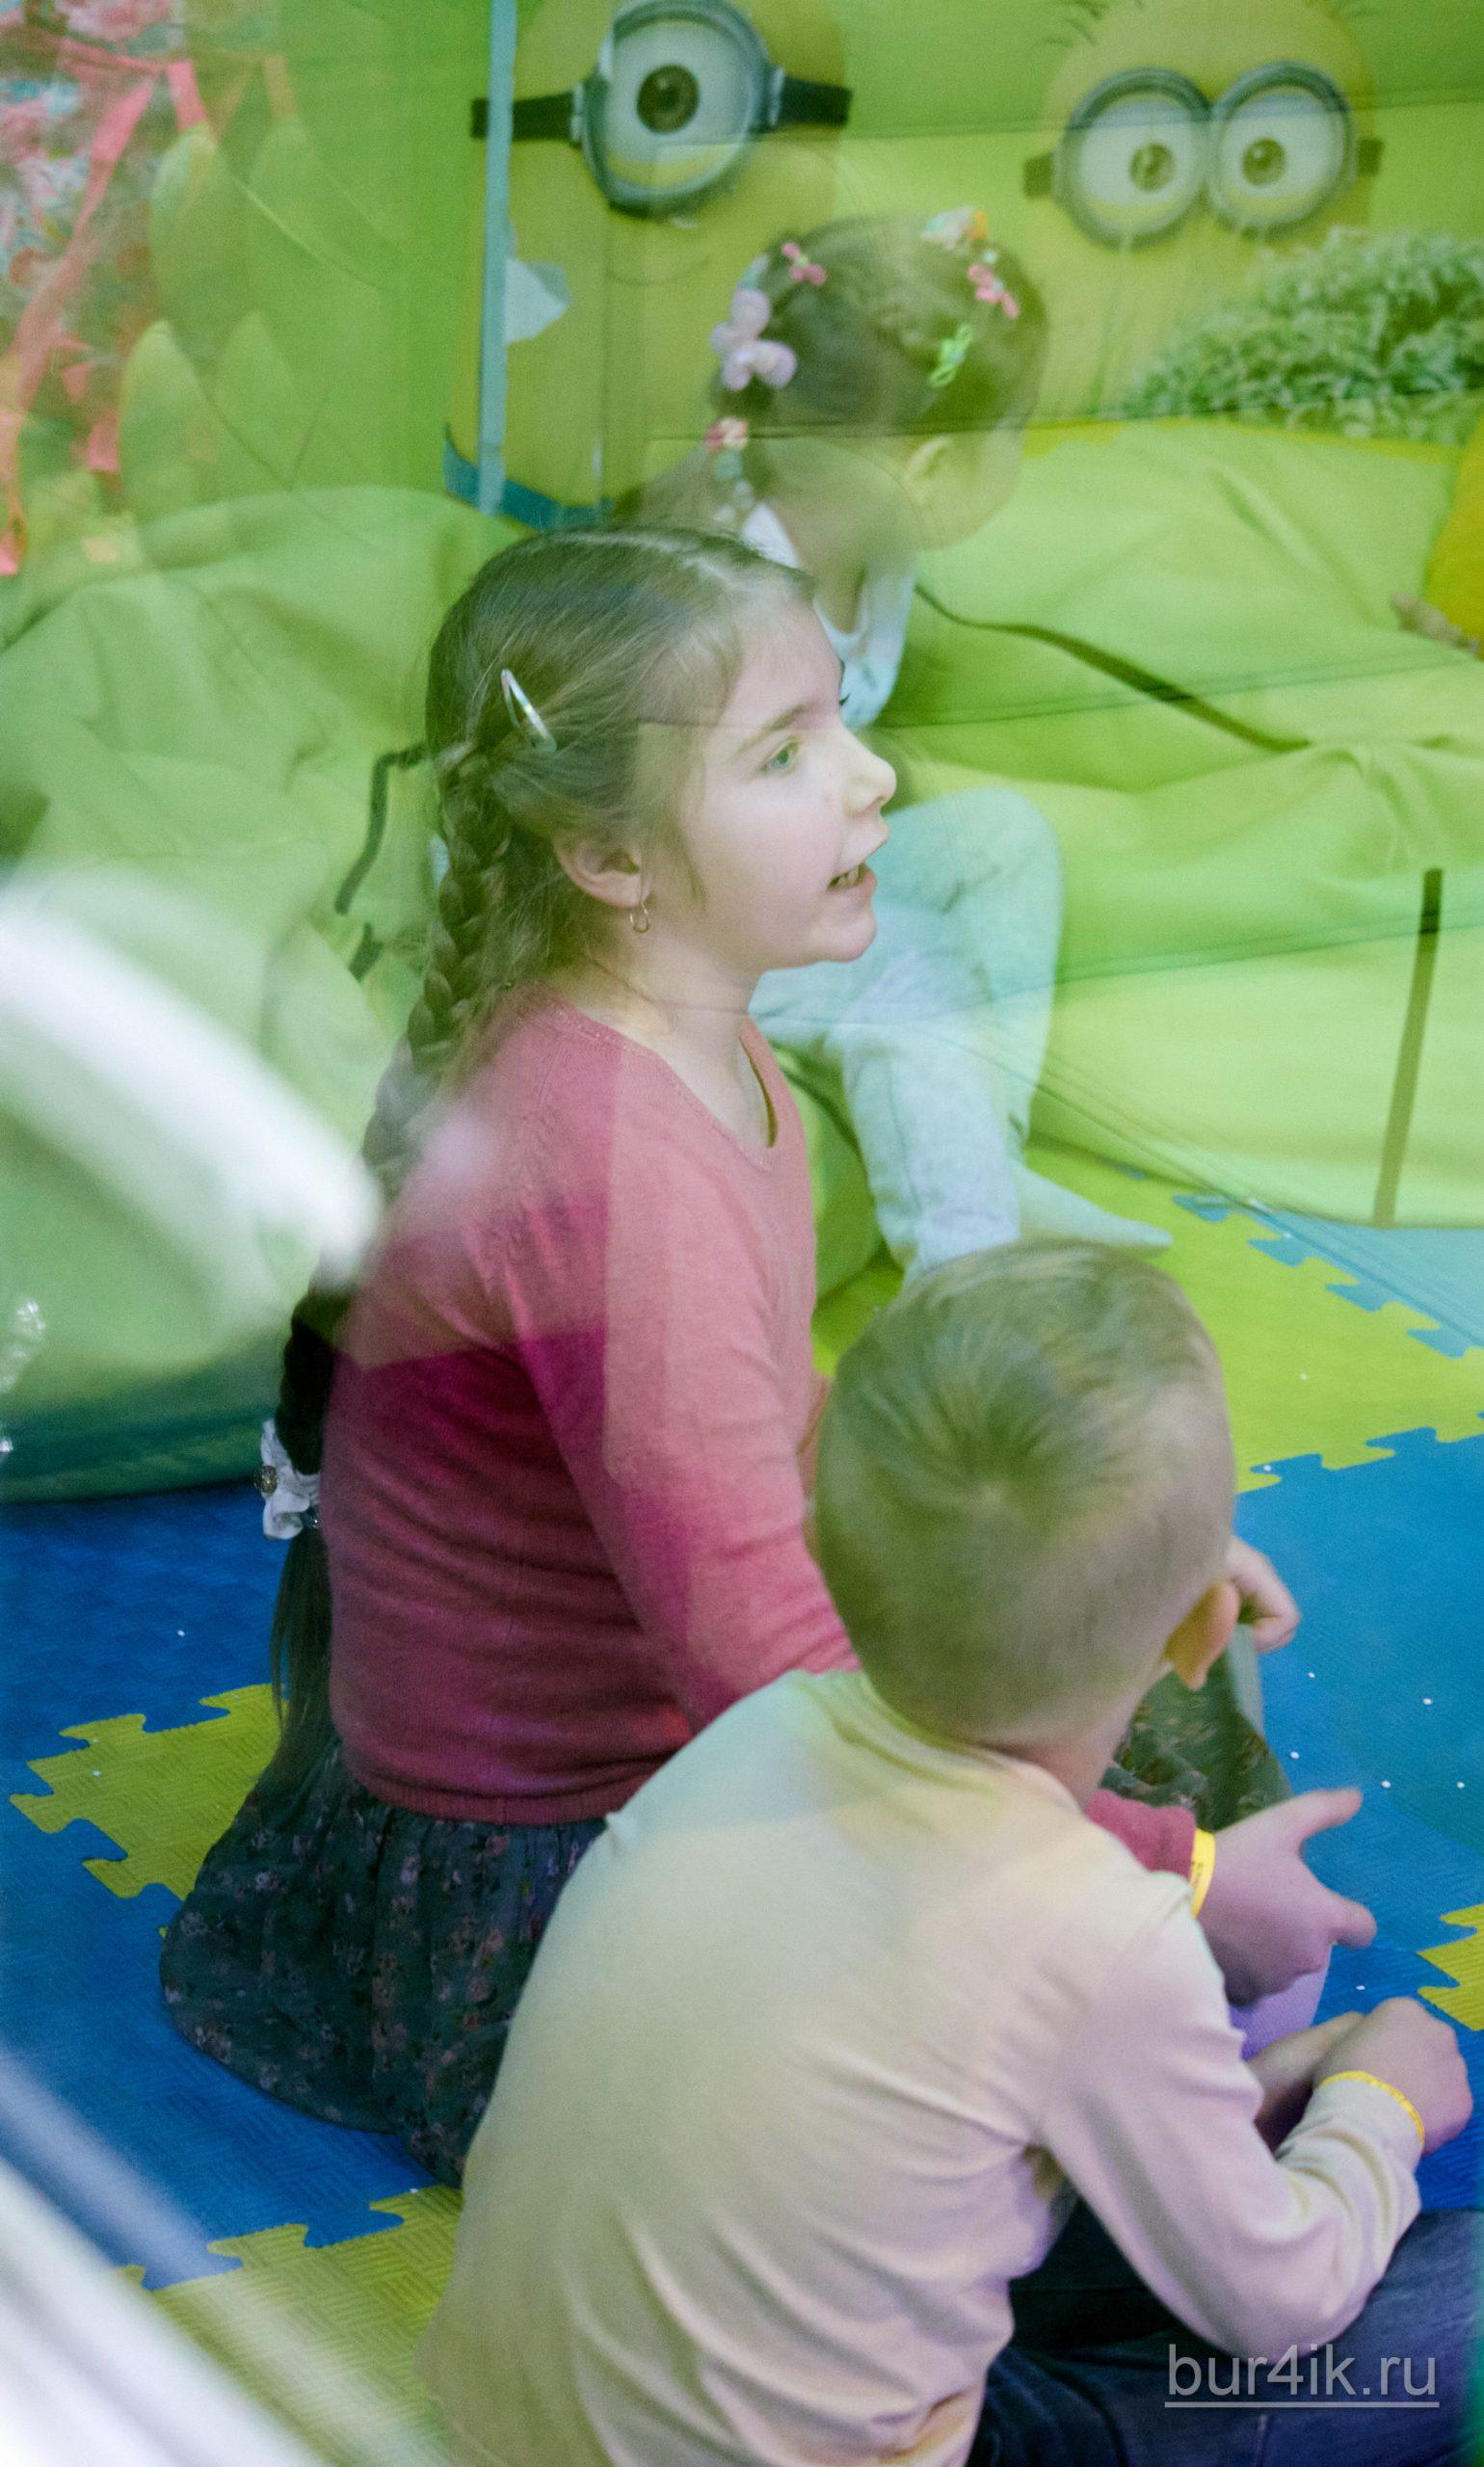 Фото Детское День Рождения в Детский Дворик 15.01.2020 №151 -photo- bur4ik.ru